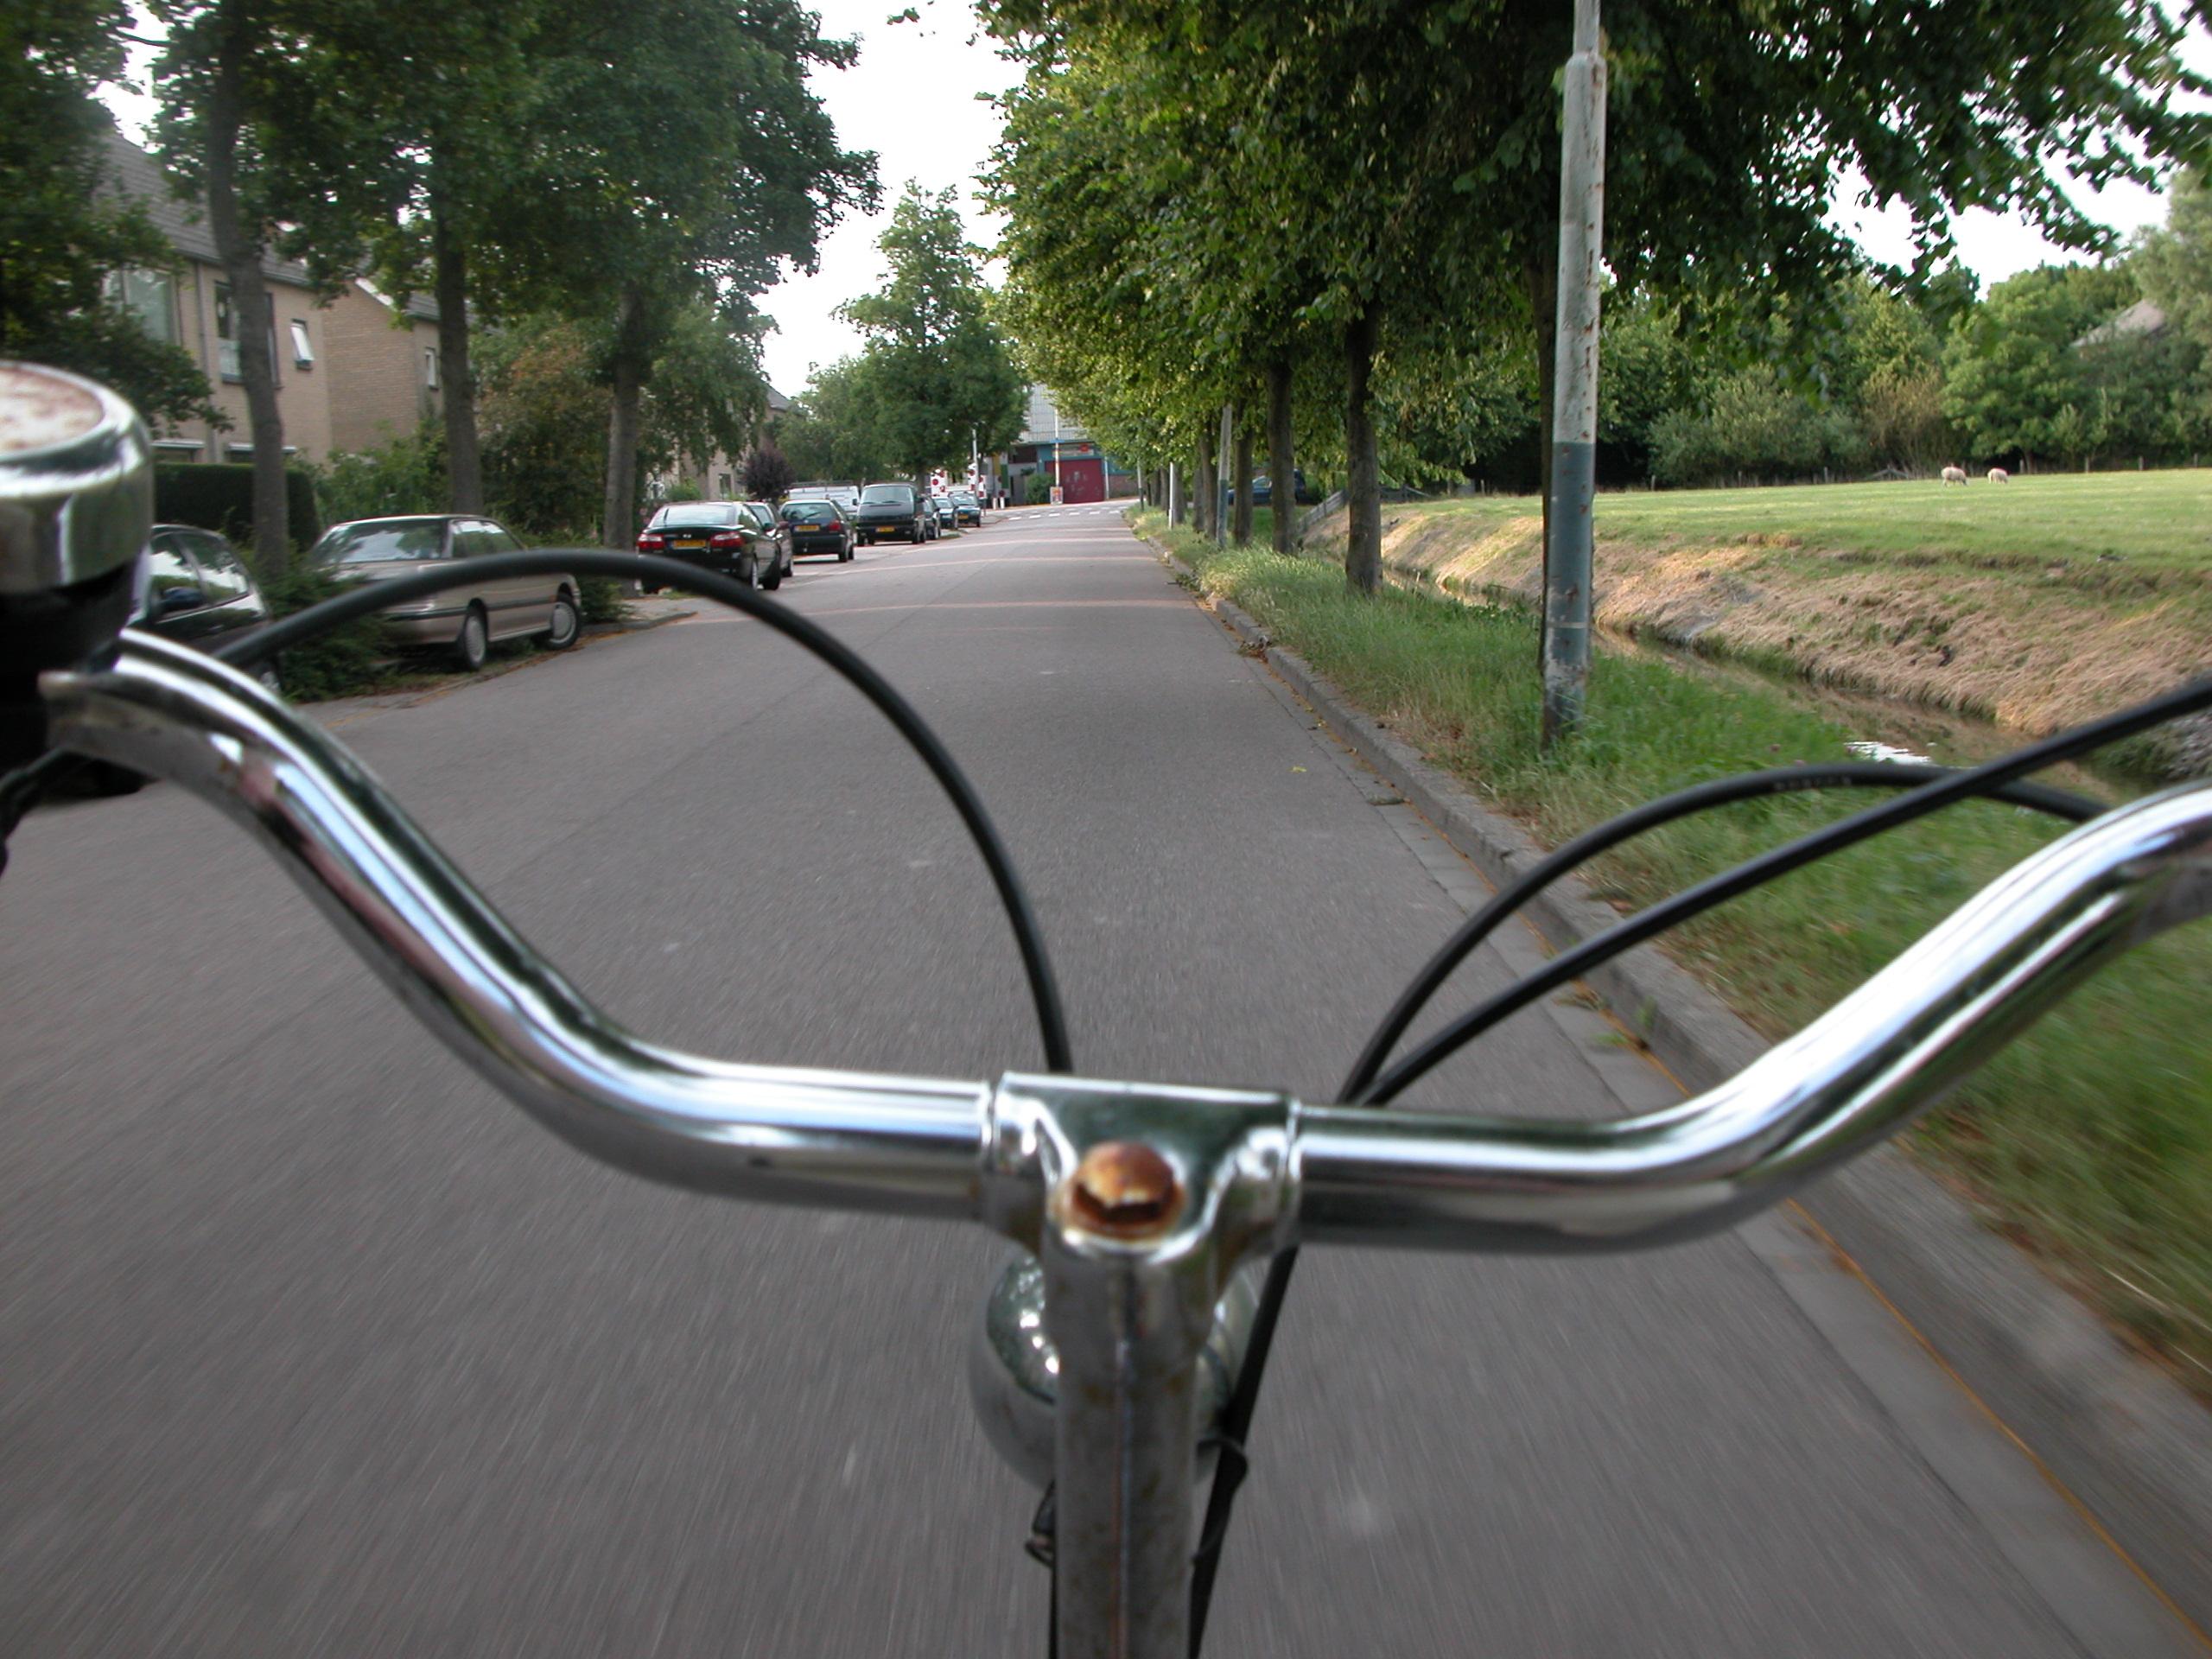 bike bycicle steer steering handlebar handlebars metal frontal speed cycling